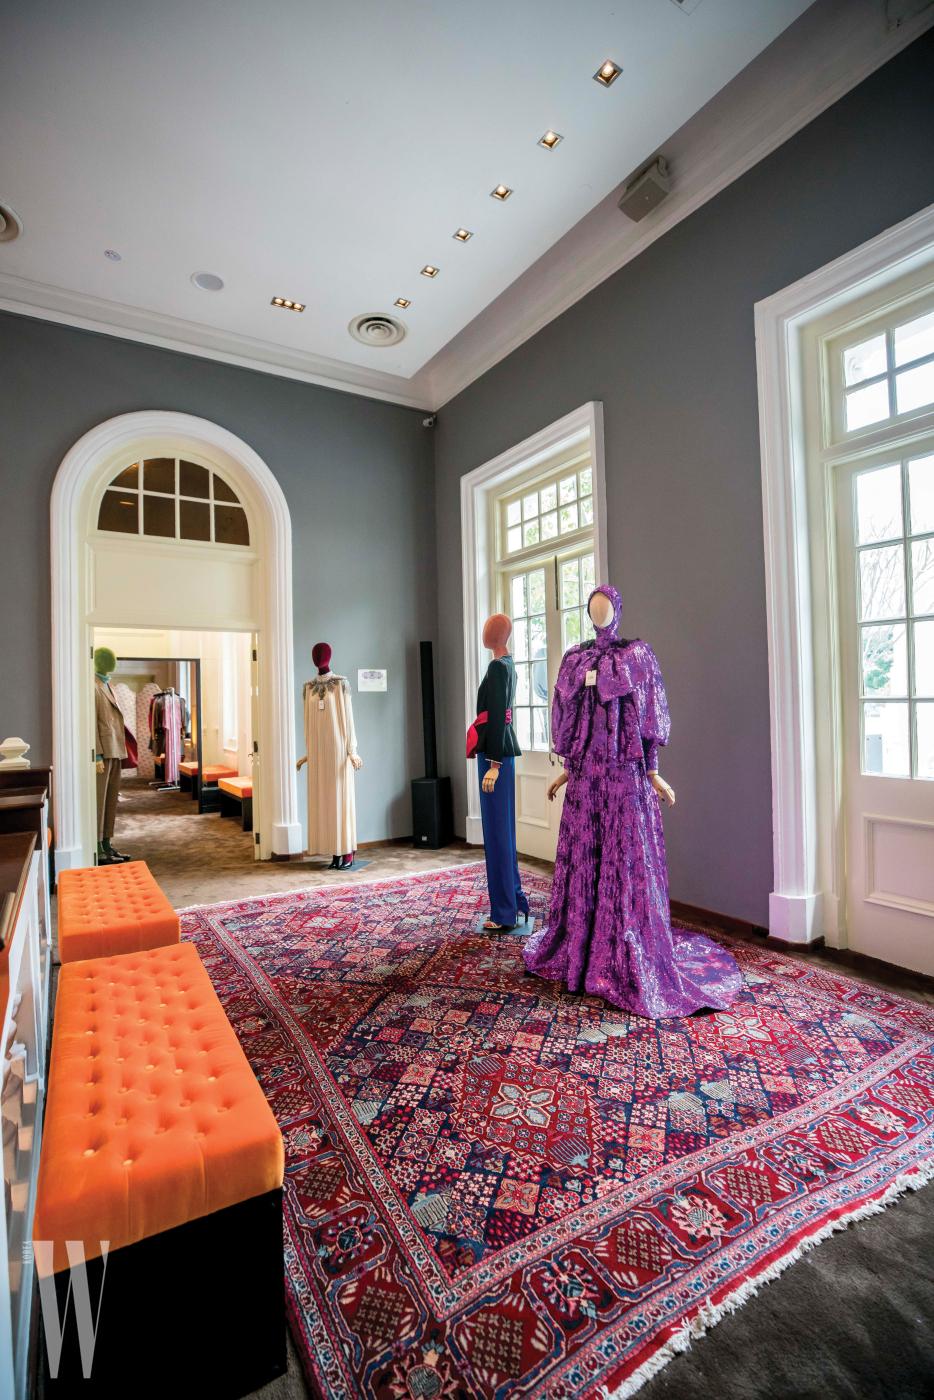 싱가포르의 아트 하우스에서 선보인 구찌 S/S 프레젠테이션 현장. 드라마틱한 울트라 바이올렛 색상의 메탈릭 시퀸 장식 드레스가 눈길을 끈다.